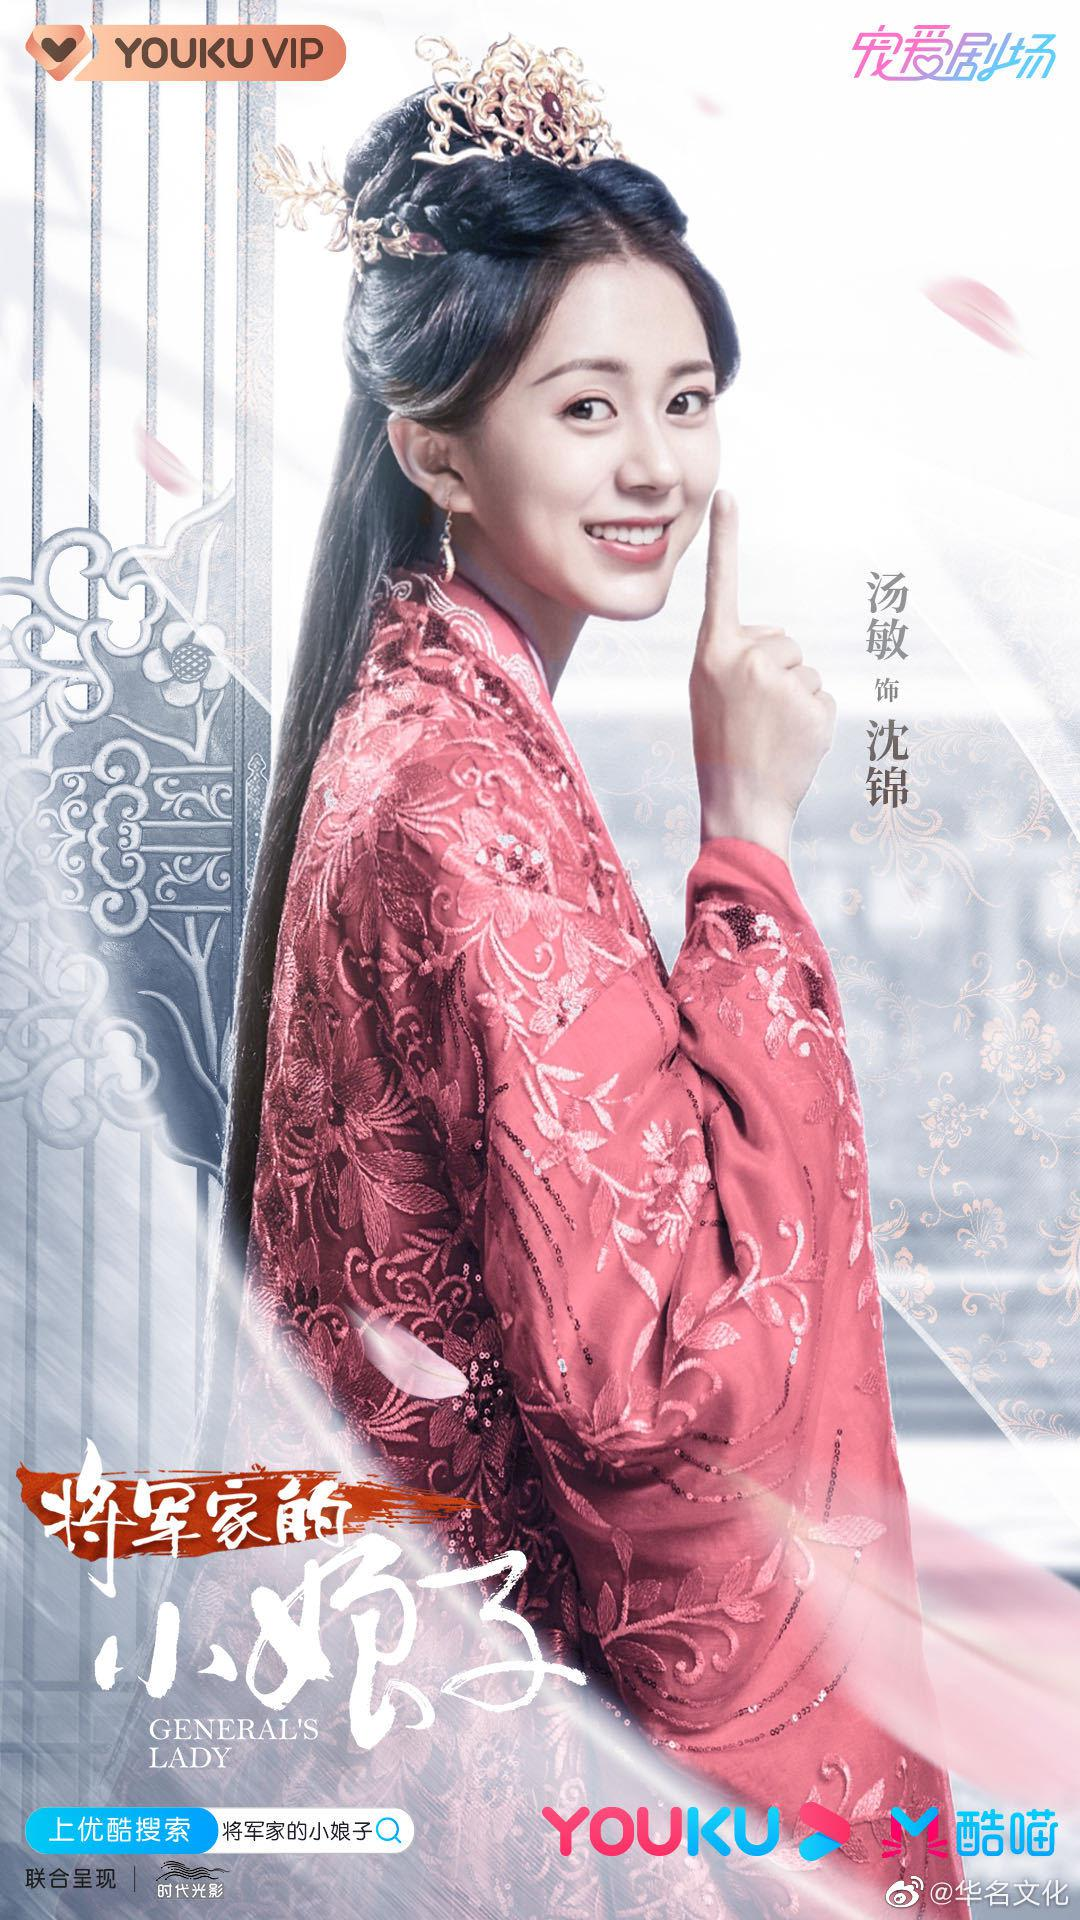 汤敏 饰 沈锦🔅将军家的小娘子 🔥首发人物海报上线🔥 义气小娘子